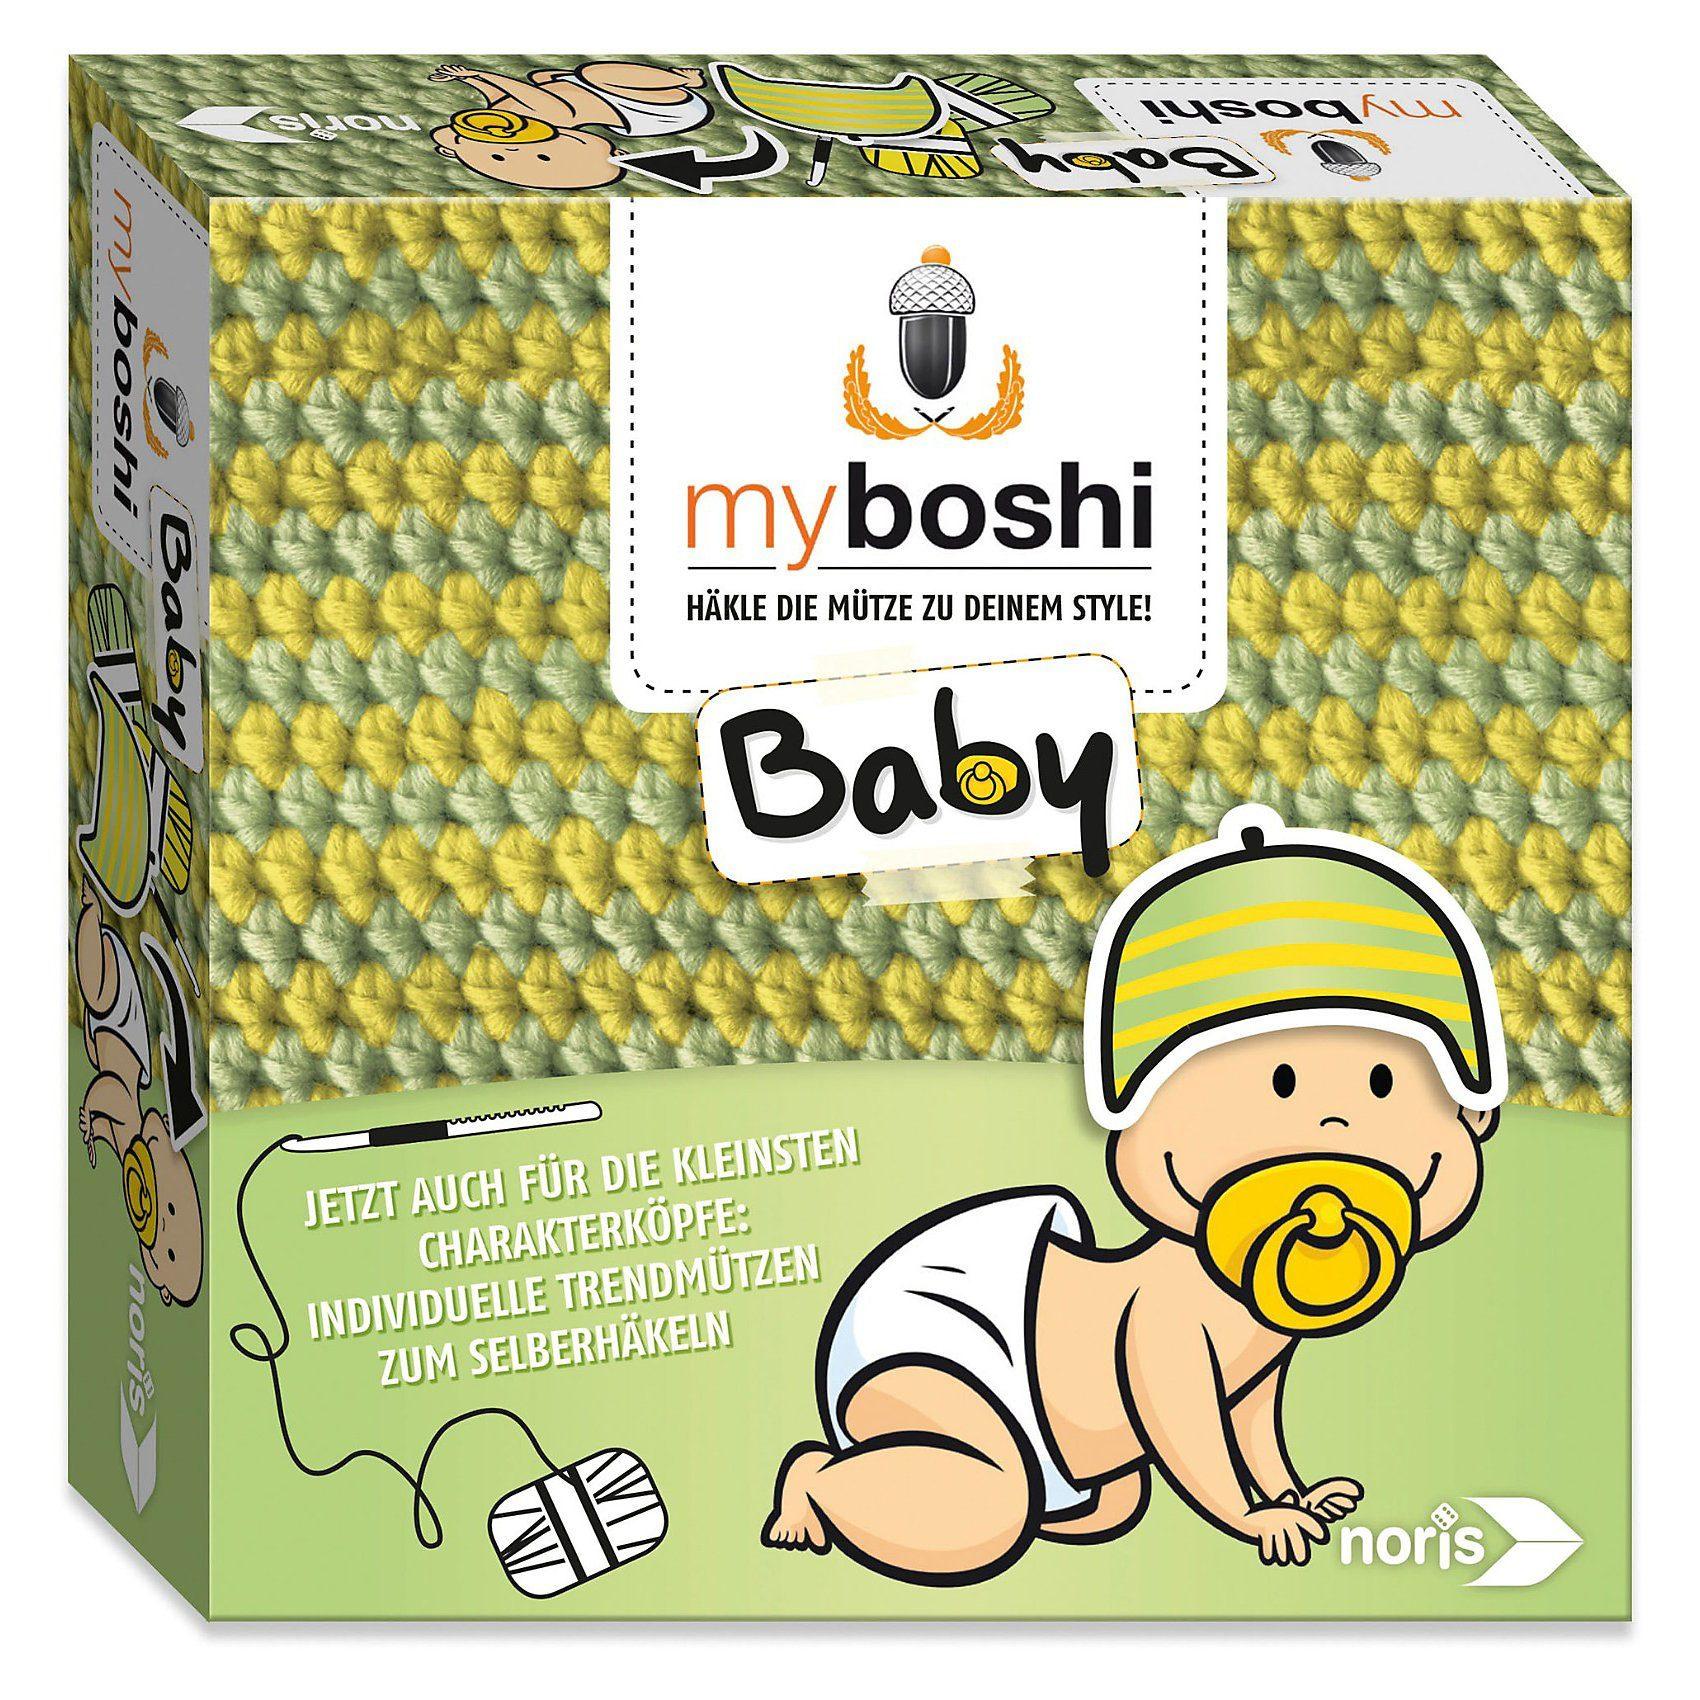 Noris myboshi Baby Häkel-Set - Yamamogli/Iwaki